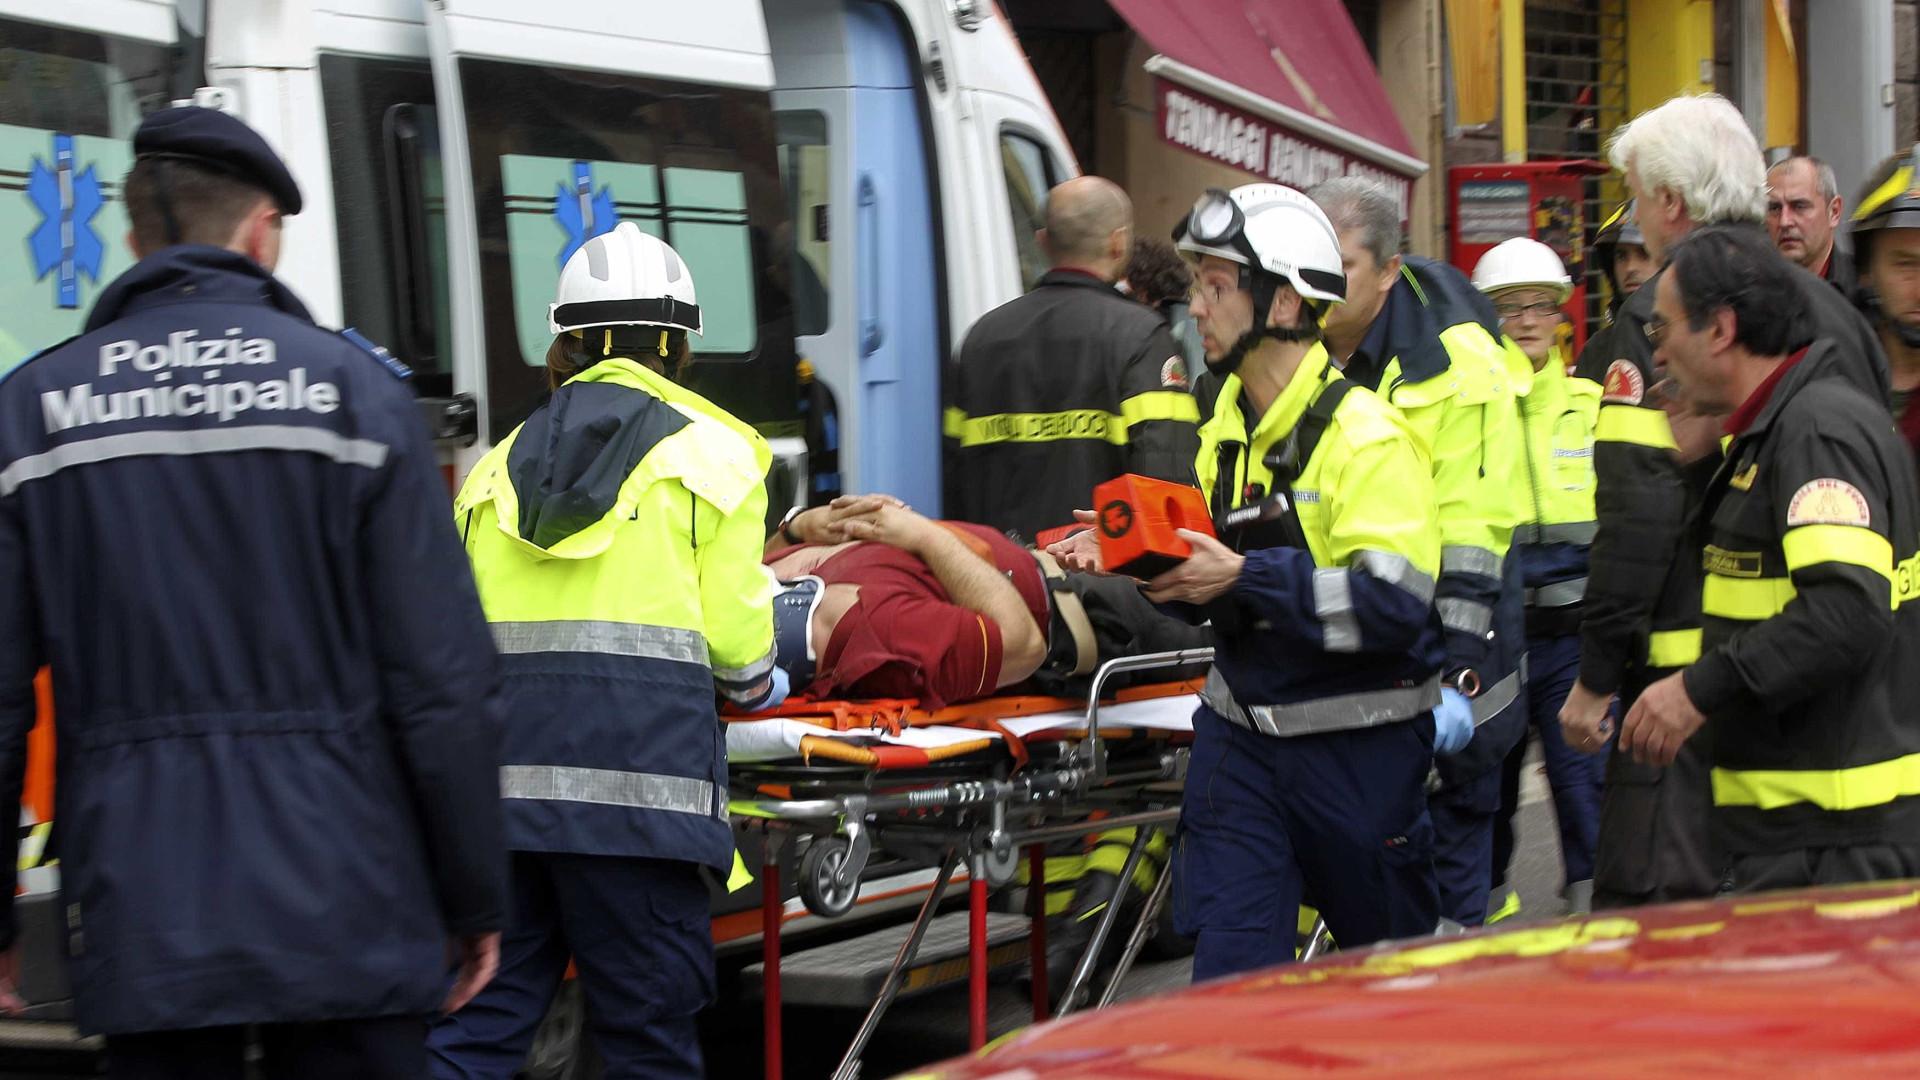 Dois mortos e 15 feridos em colisão de comboio e camião em Itália